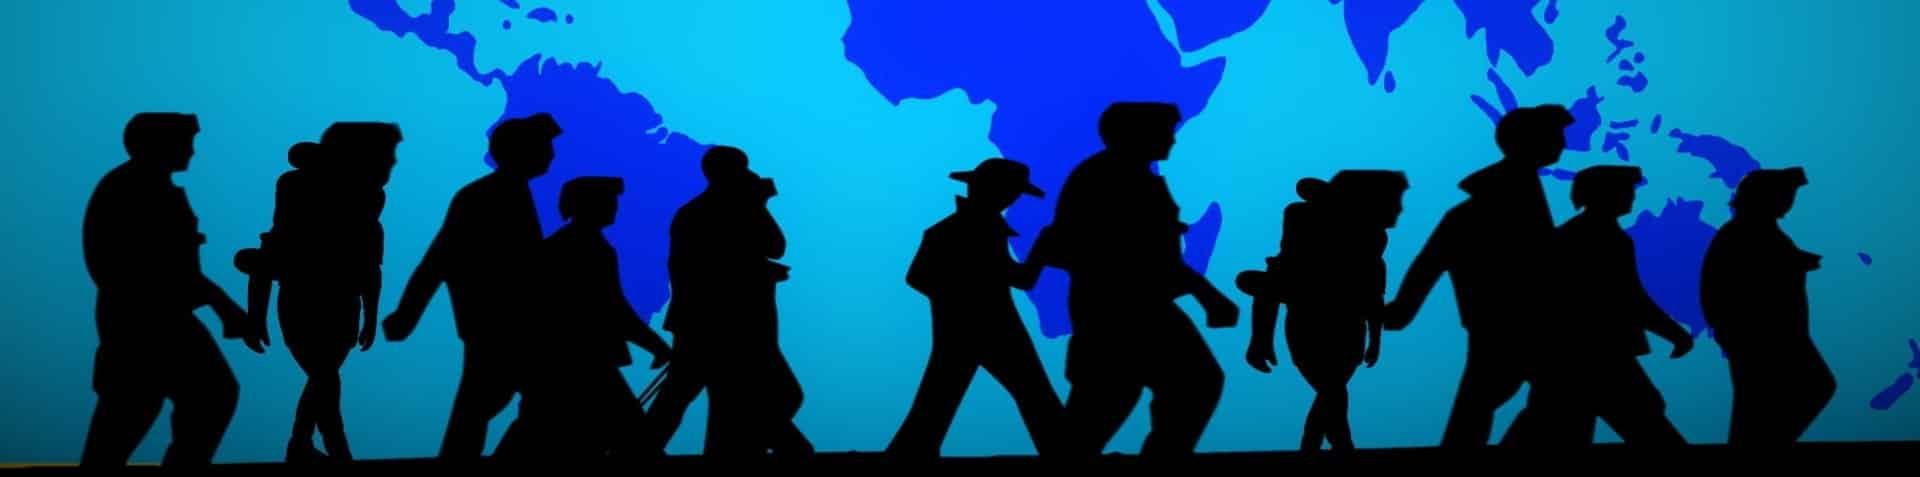 Rechtsanwalt Asylrecht: Grafik zeigt Menschen auf der Flucht